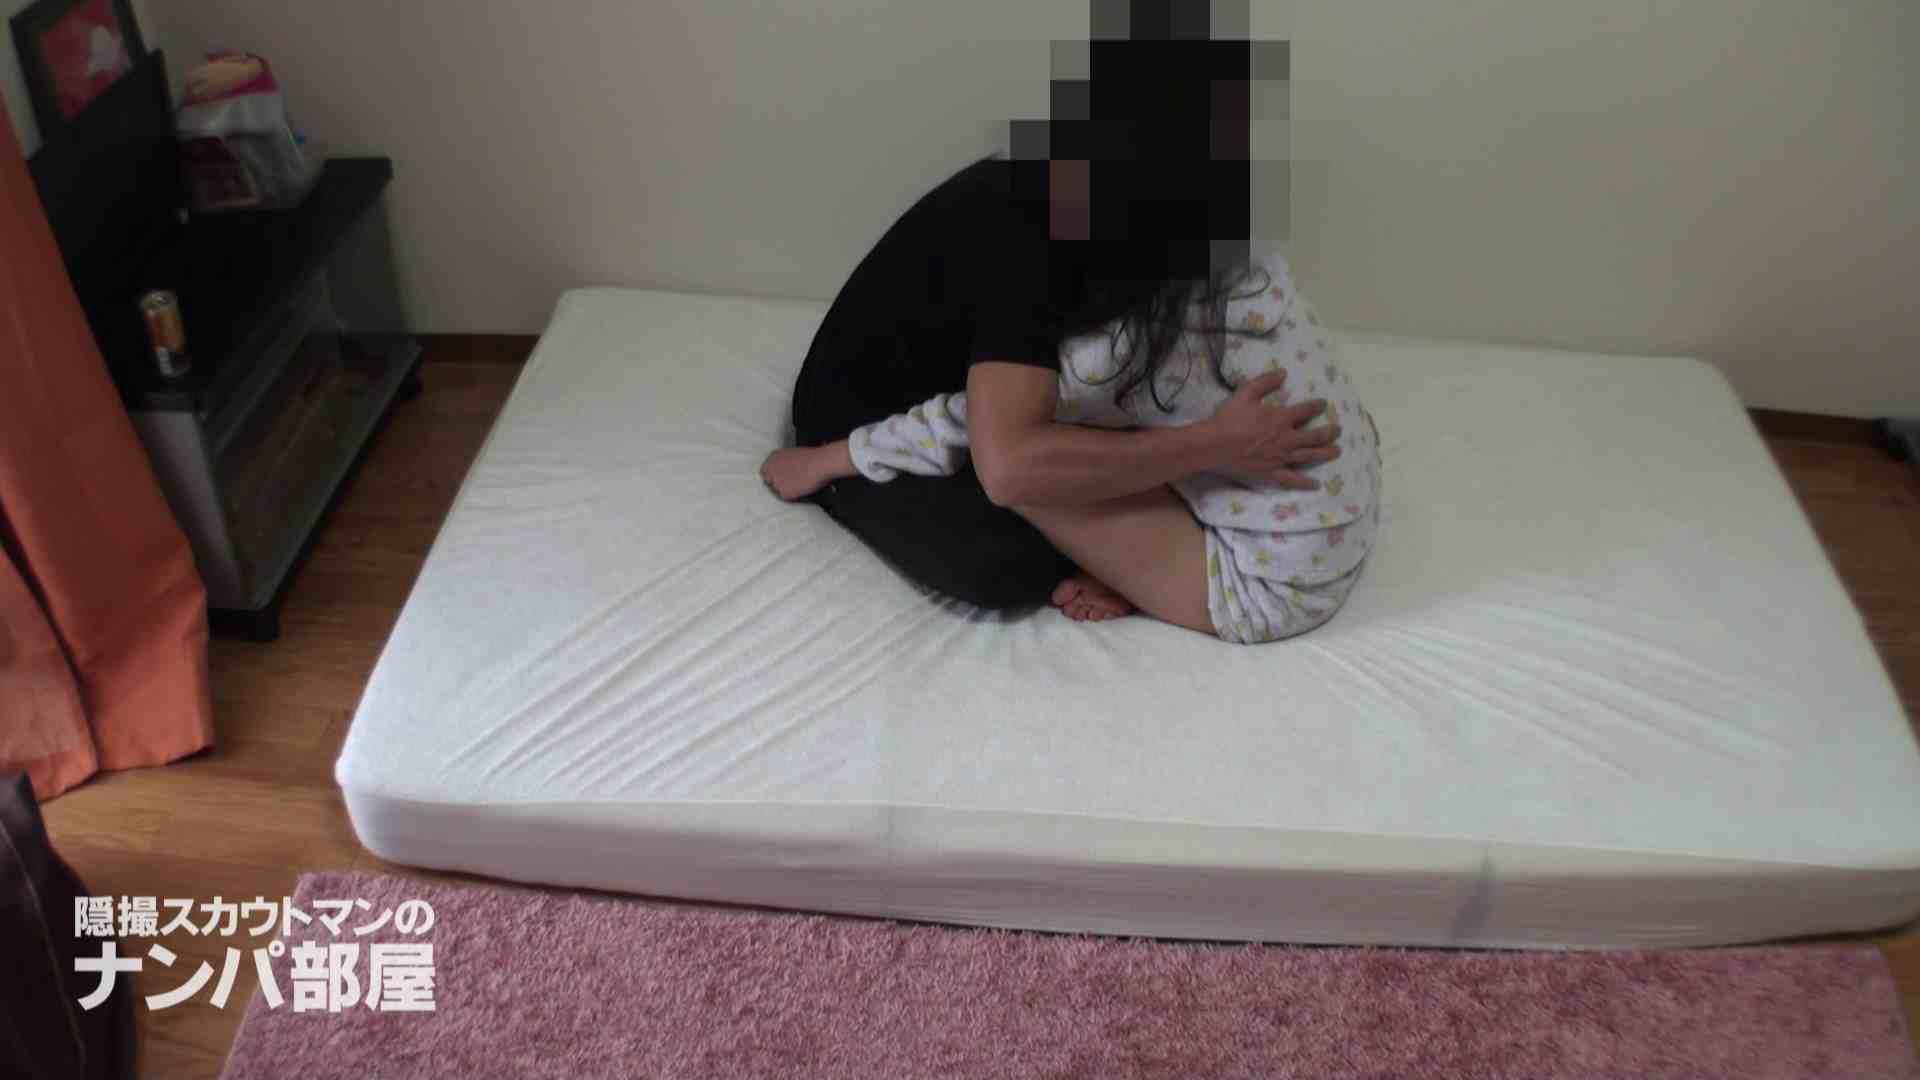 隠撮スカウトマンのナンパ部屋~風俗デビュー前のつまみ食い~hanavol.3 隠撮 濡れ場動画紹介 107連発 68